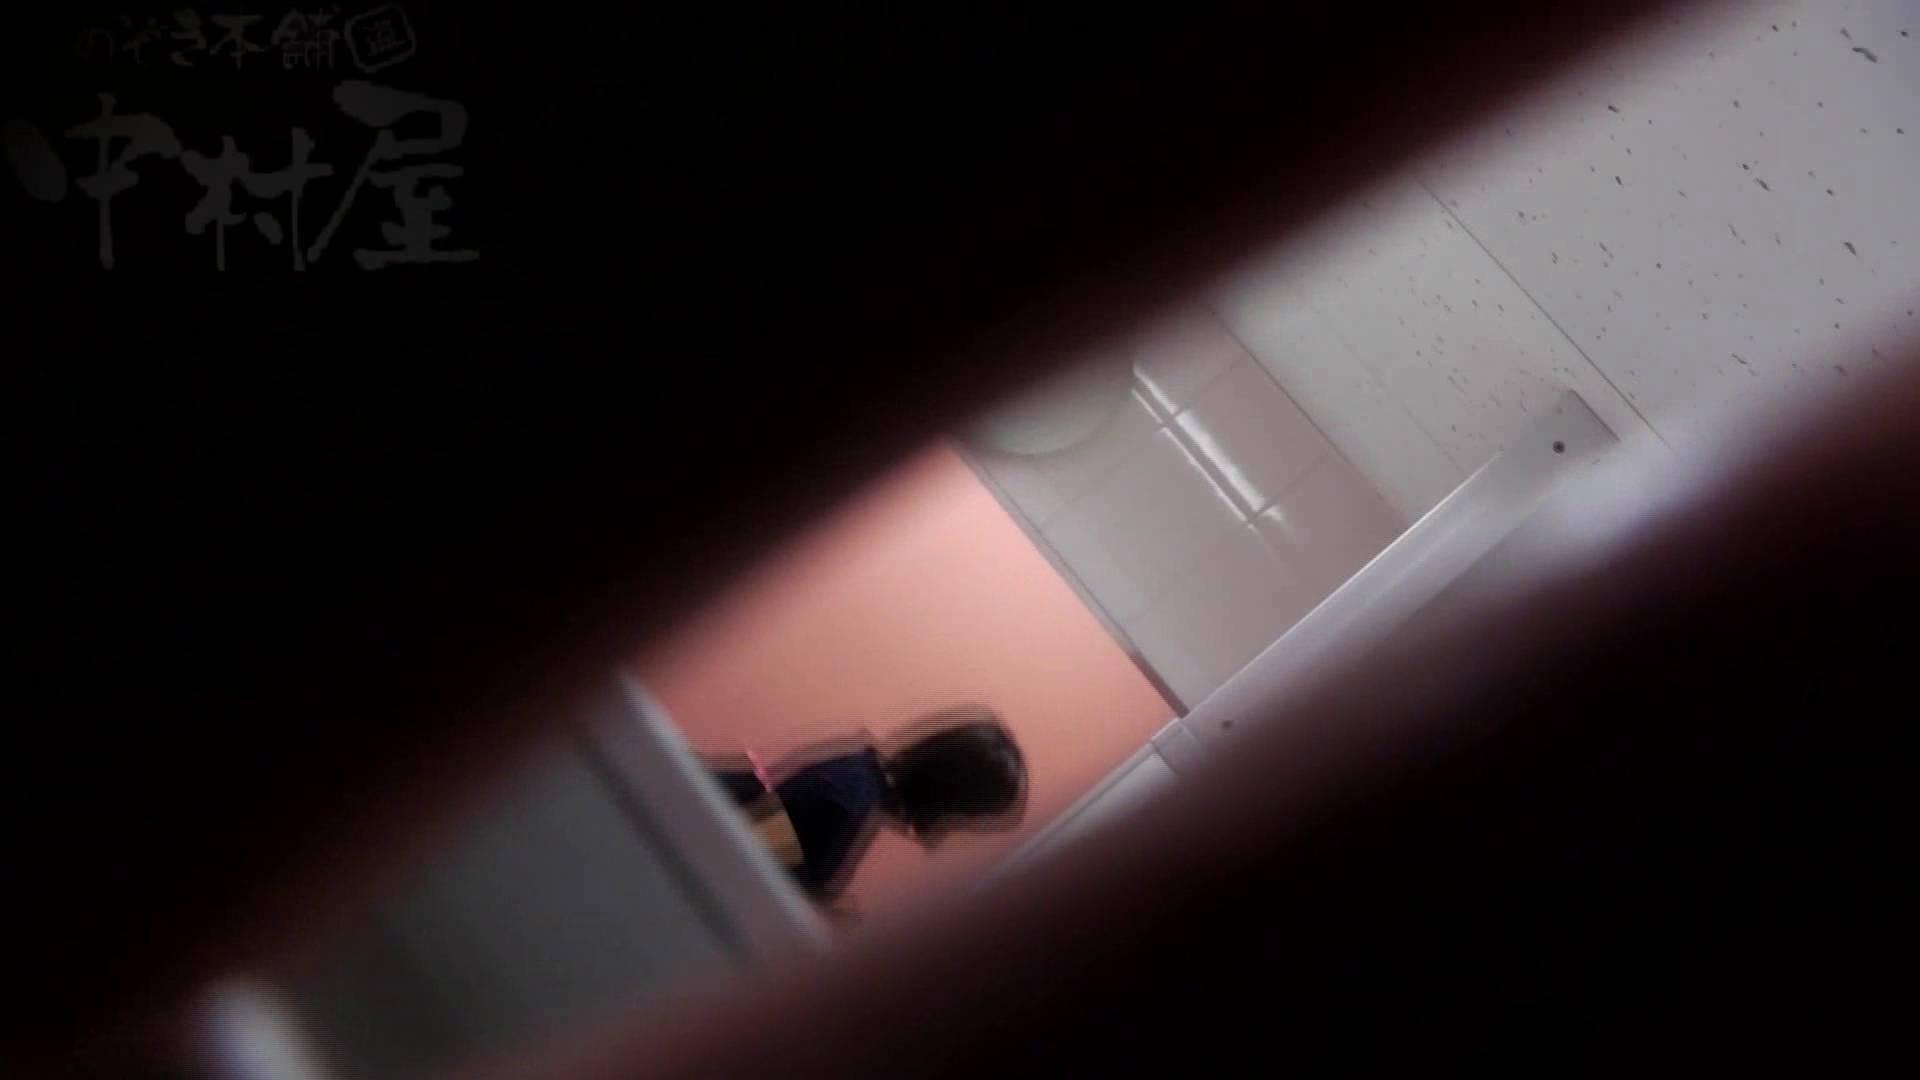 美しい日本の未来 No.22 未来進歩3 感動レベル予告のモデルつい登場か!! 盗撮映像  27Pix 20